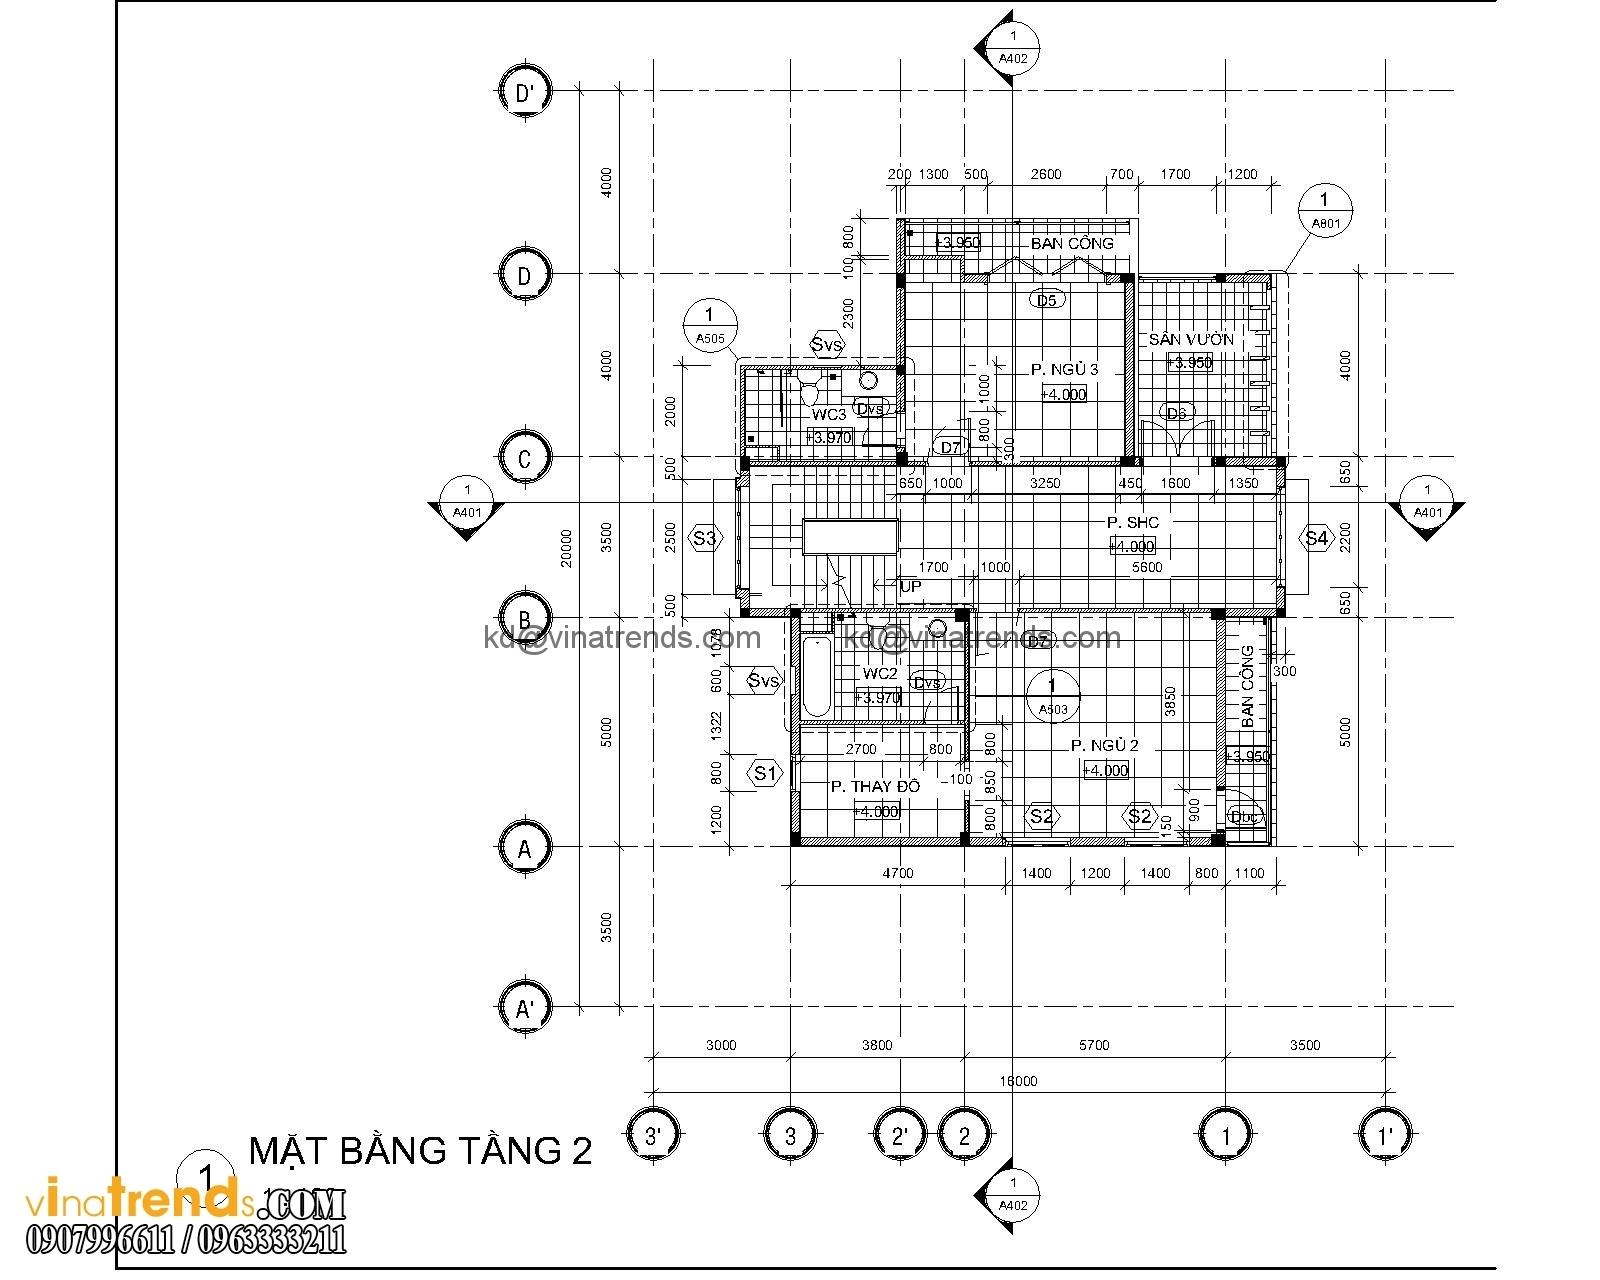 mat bang biet thu hien dai 3 tang 18x20m 7 Kiêu sa mẫu biệt thự vườn hiện đại 3 tầng 120m2 đẹp sang trọng cho bạn   BTVHD250416